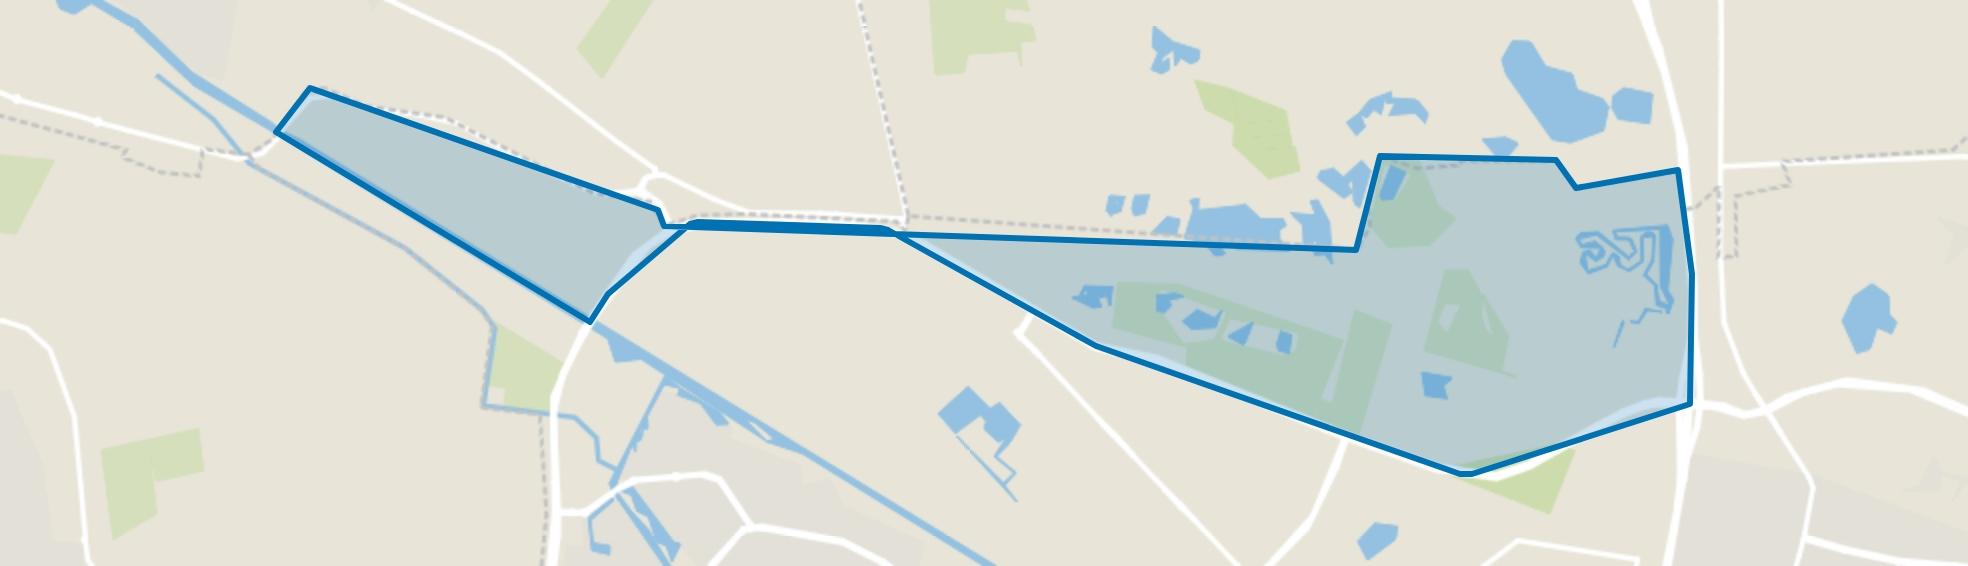 Buitengebied Tilburg Noord-West, Tilburg map